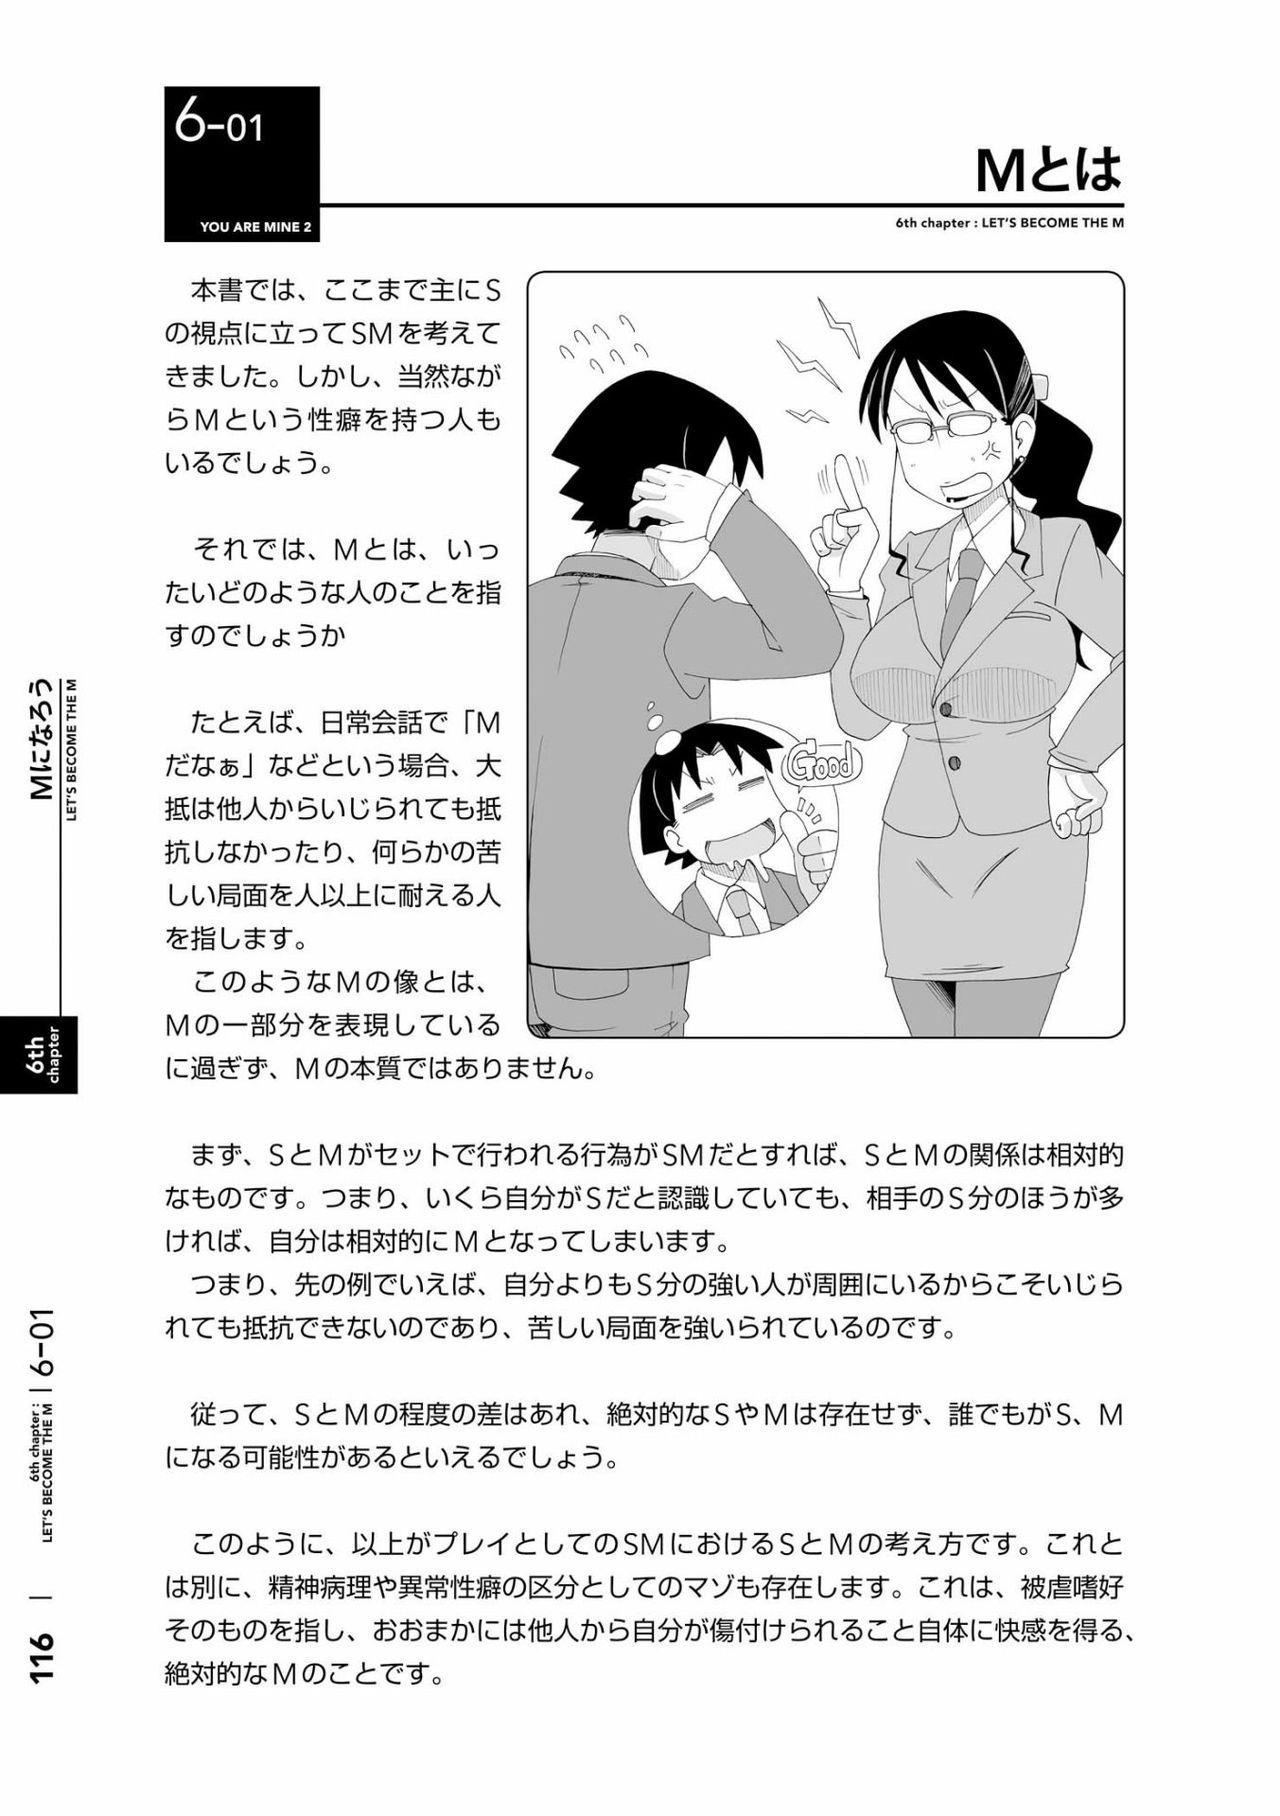 [Mitsuba] Karada mo Kokoro mo Boku no Mono ~Hajimete no SM Guide~ 2 [Digital] 118